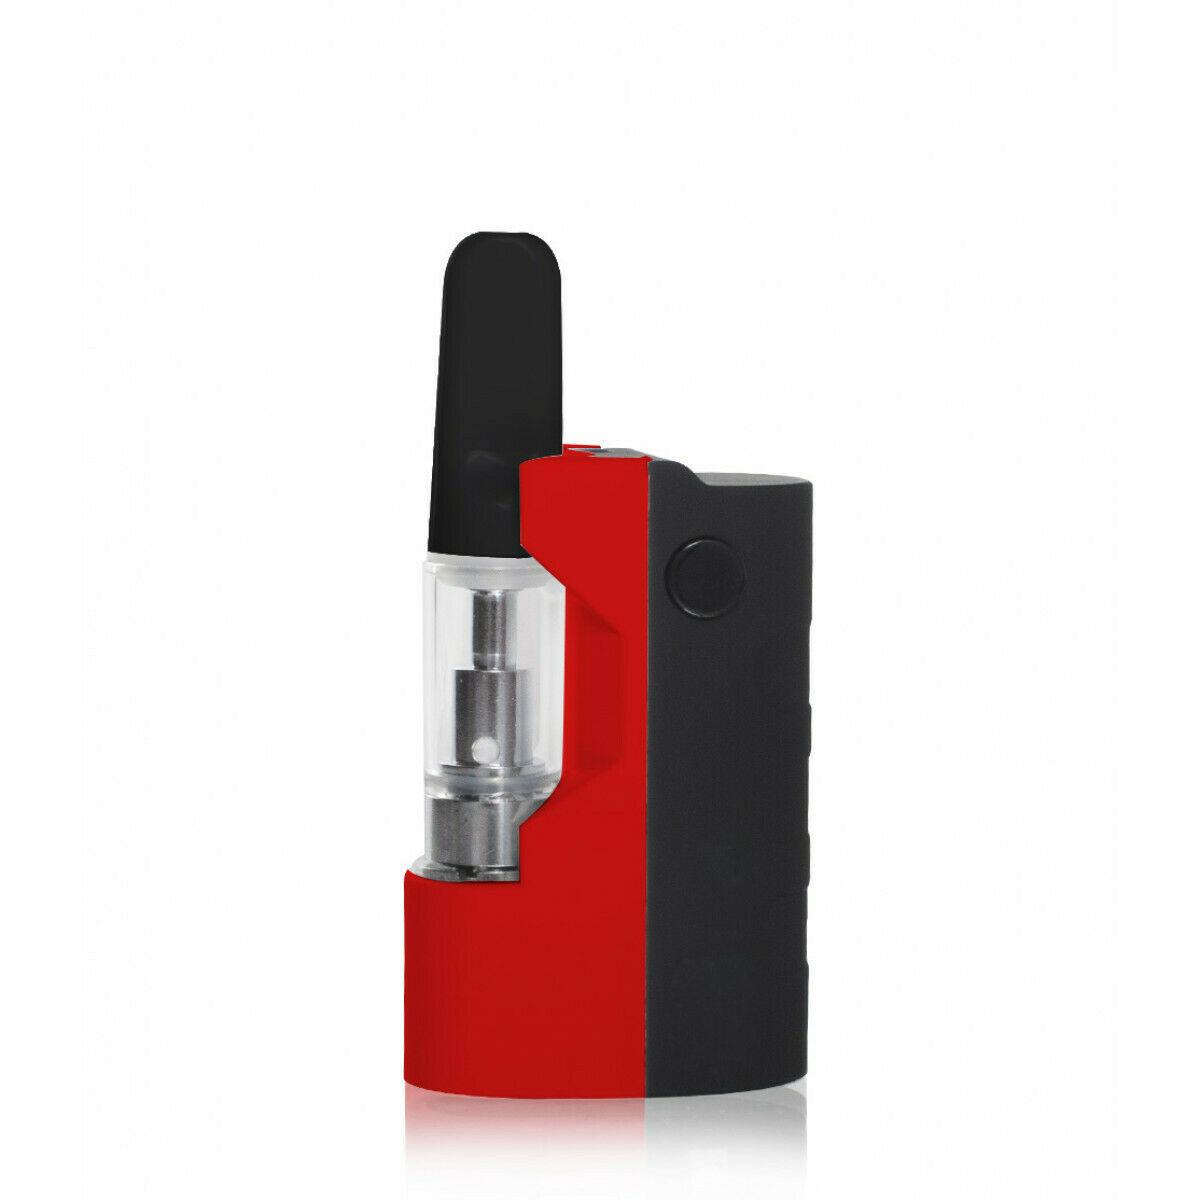 iMini E-smoking Tube Kit Temp Setting Kit  red